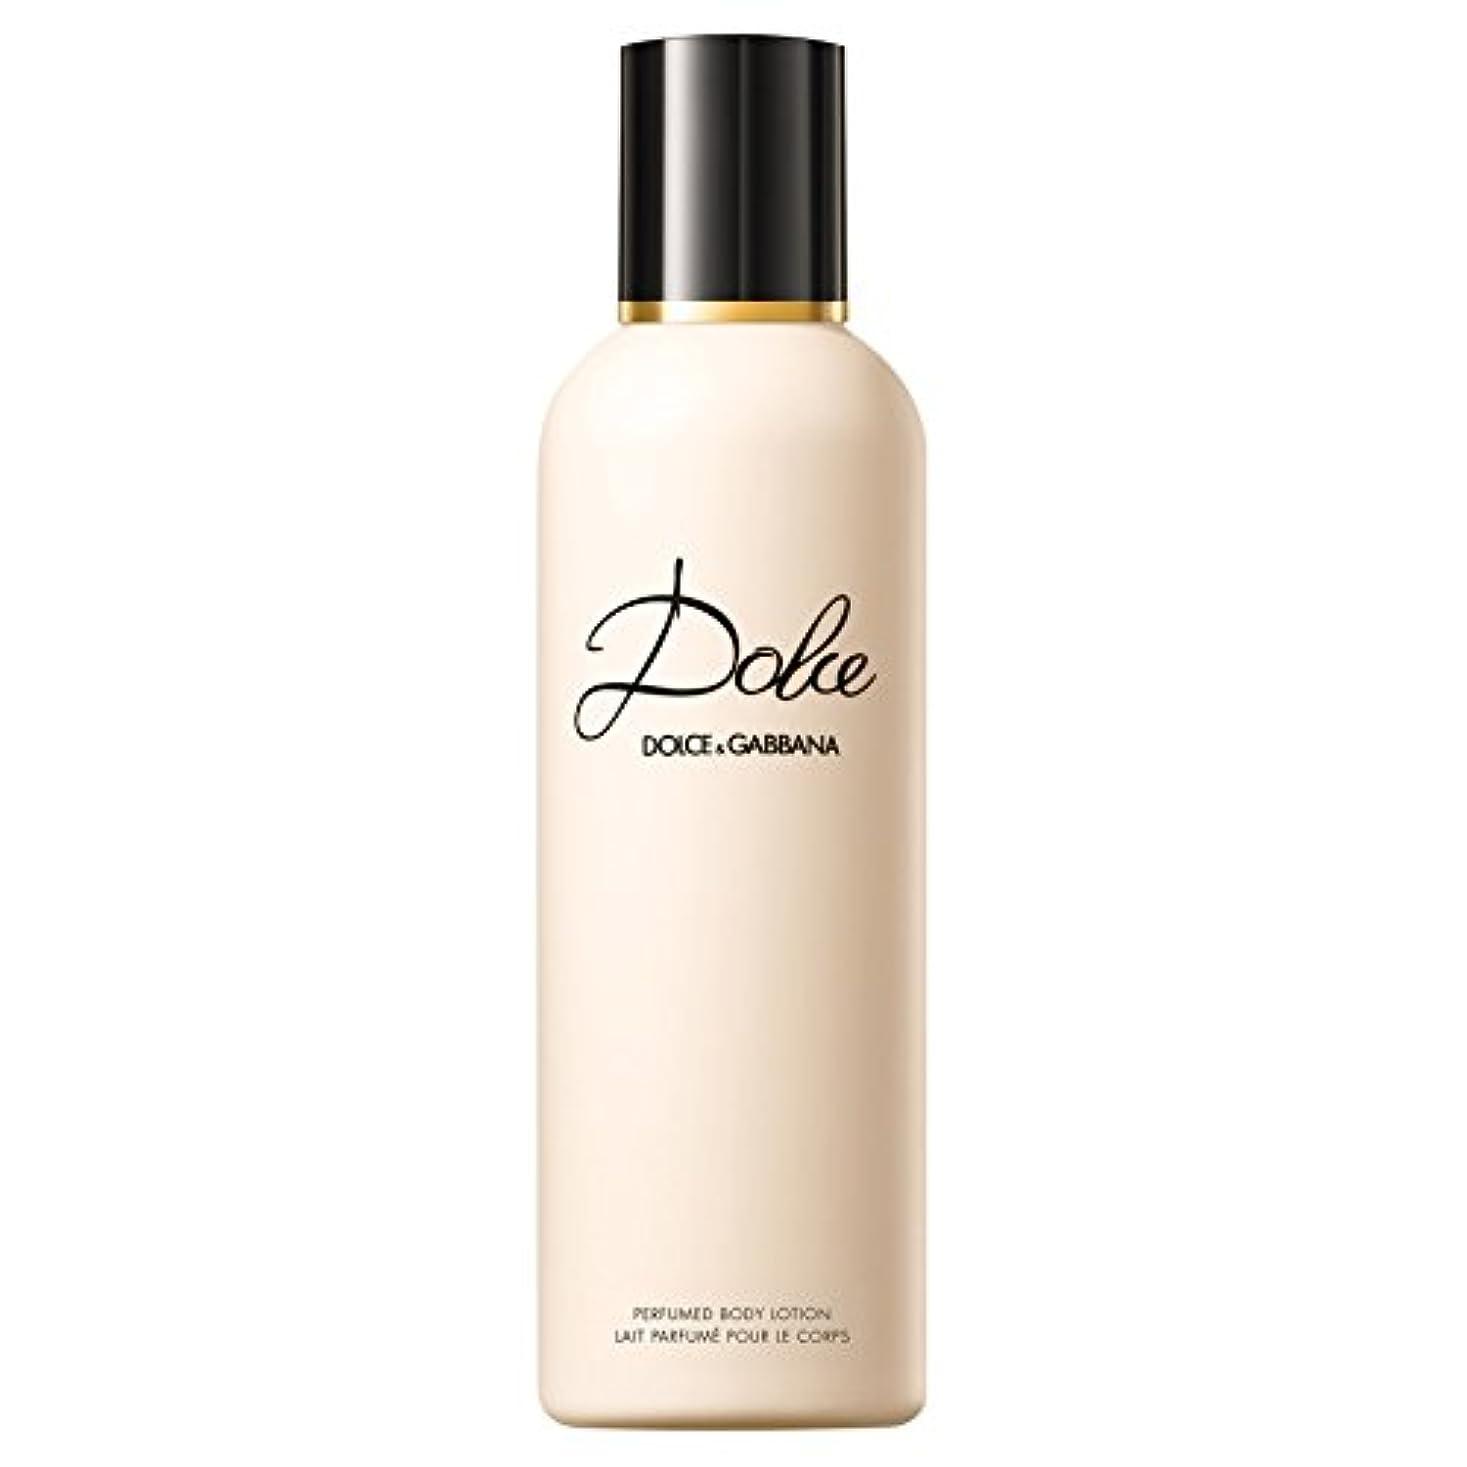 右検索エンジン最適化アナウンサードルチェ&ガッバーナドルチェのボディローション200ミリリットル (Dolce & Gabbana) (x6) - Dolce & Gabbana Dolce Body Lotion 200ml (Pack of 6)...